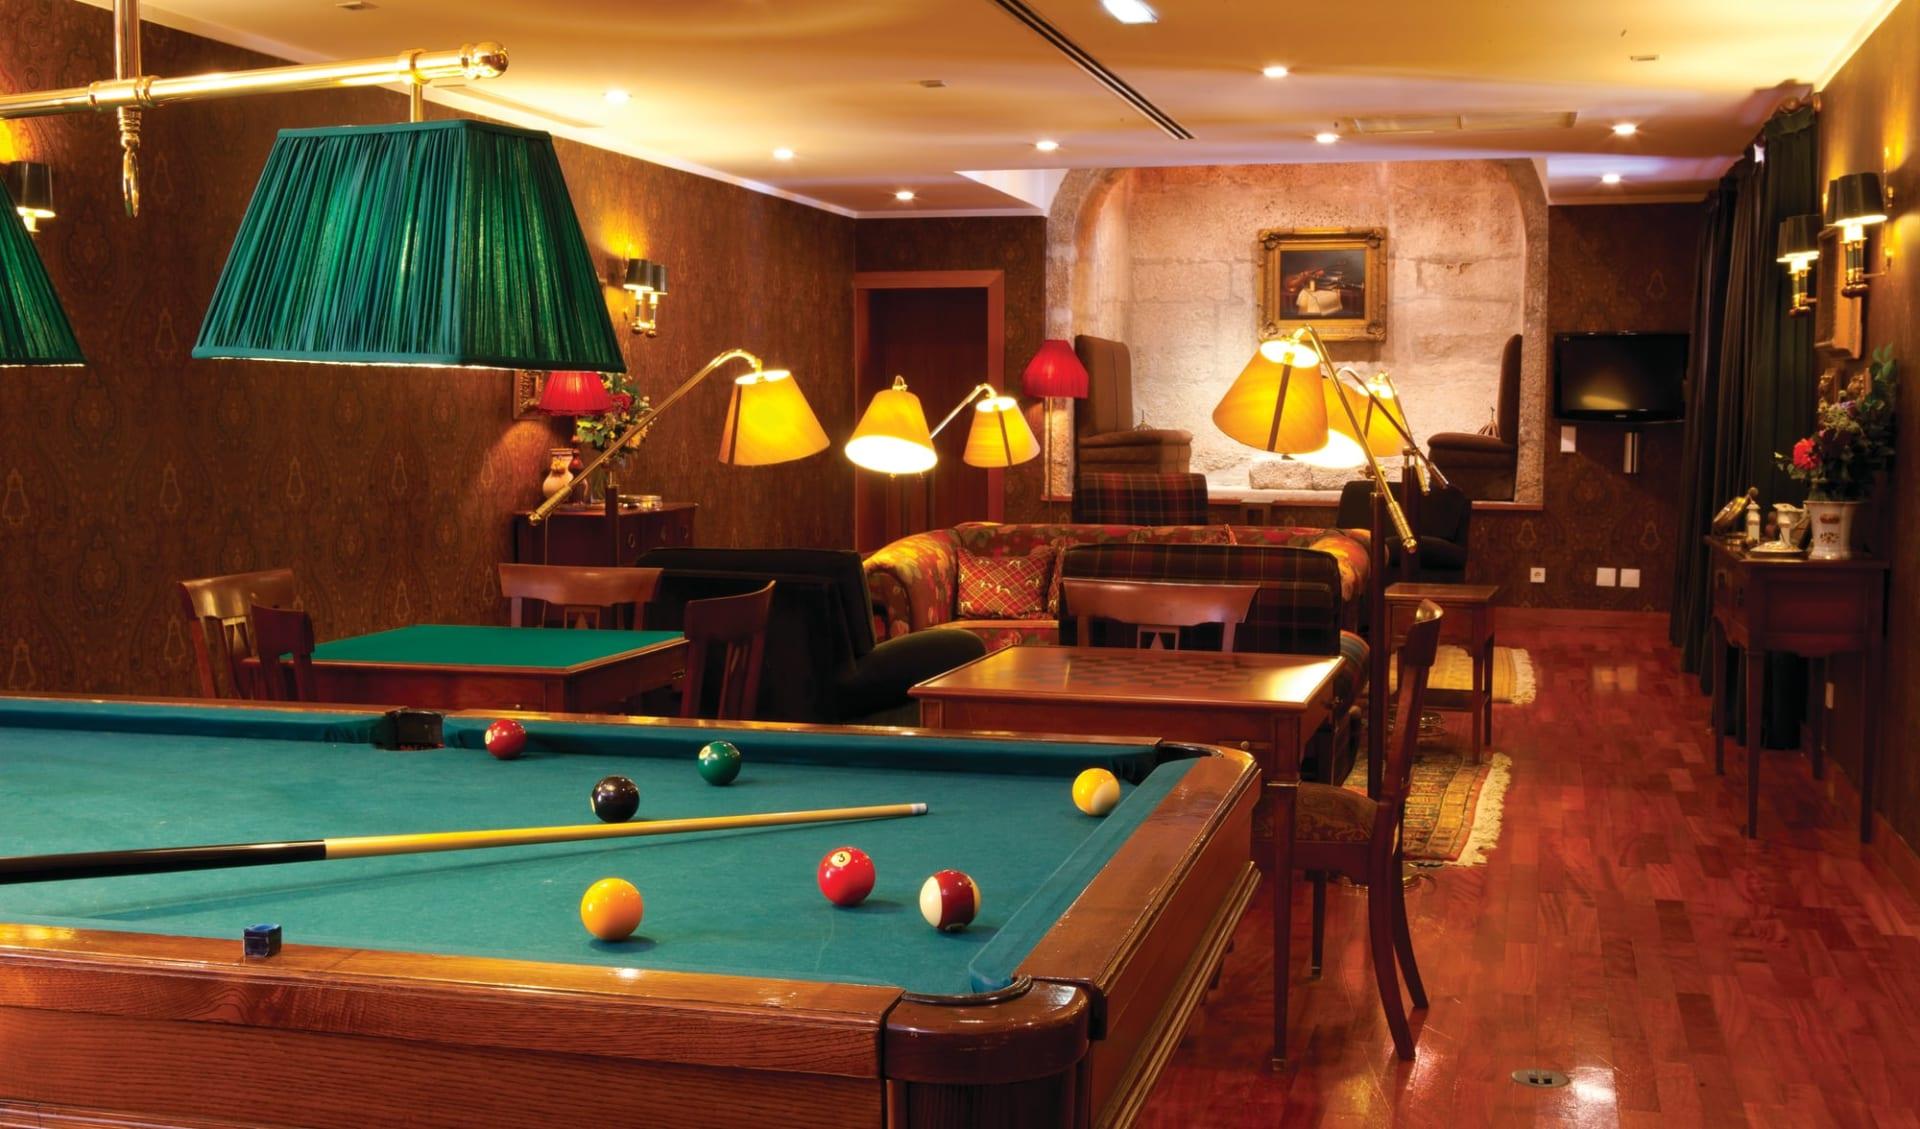 Casa da Calçada Relais & Chateau in Amarante:  Casa da Calçade Relais & Chateaux - Billiardroom